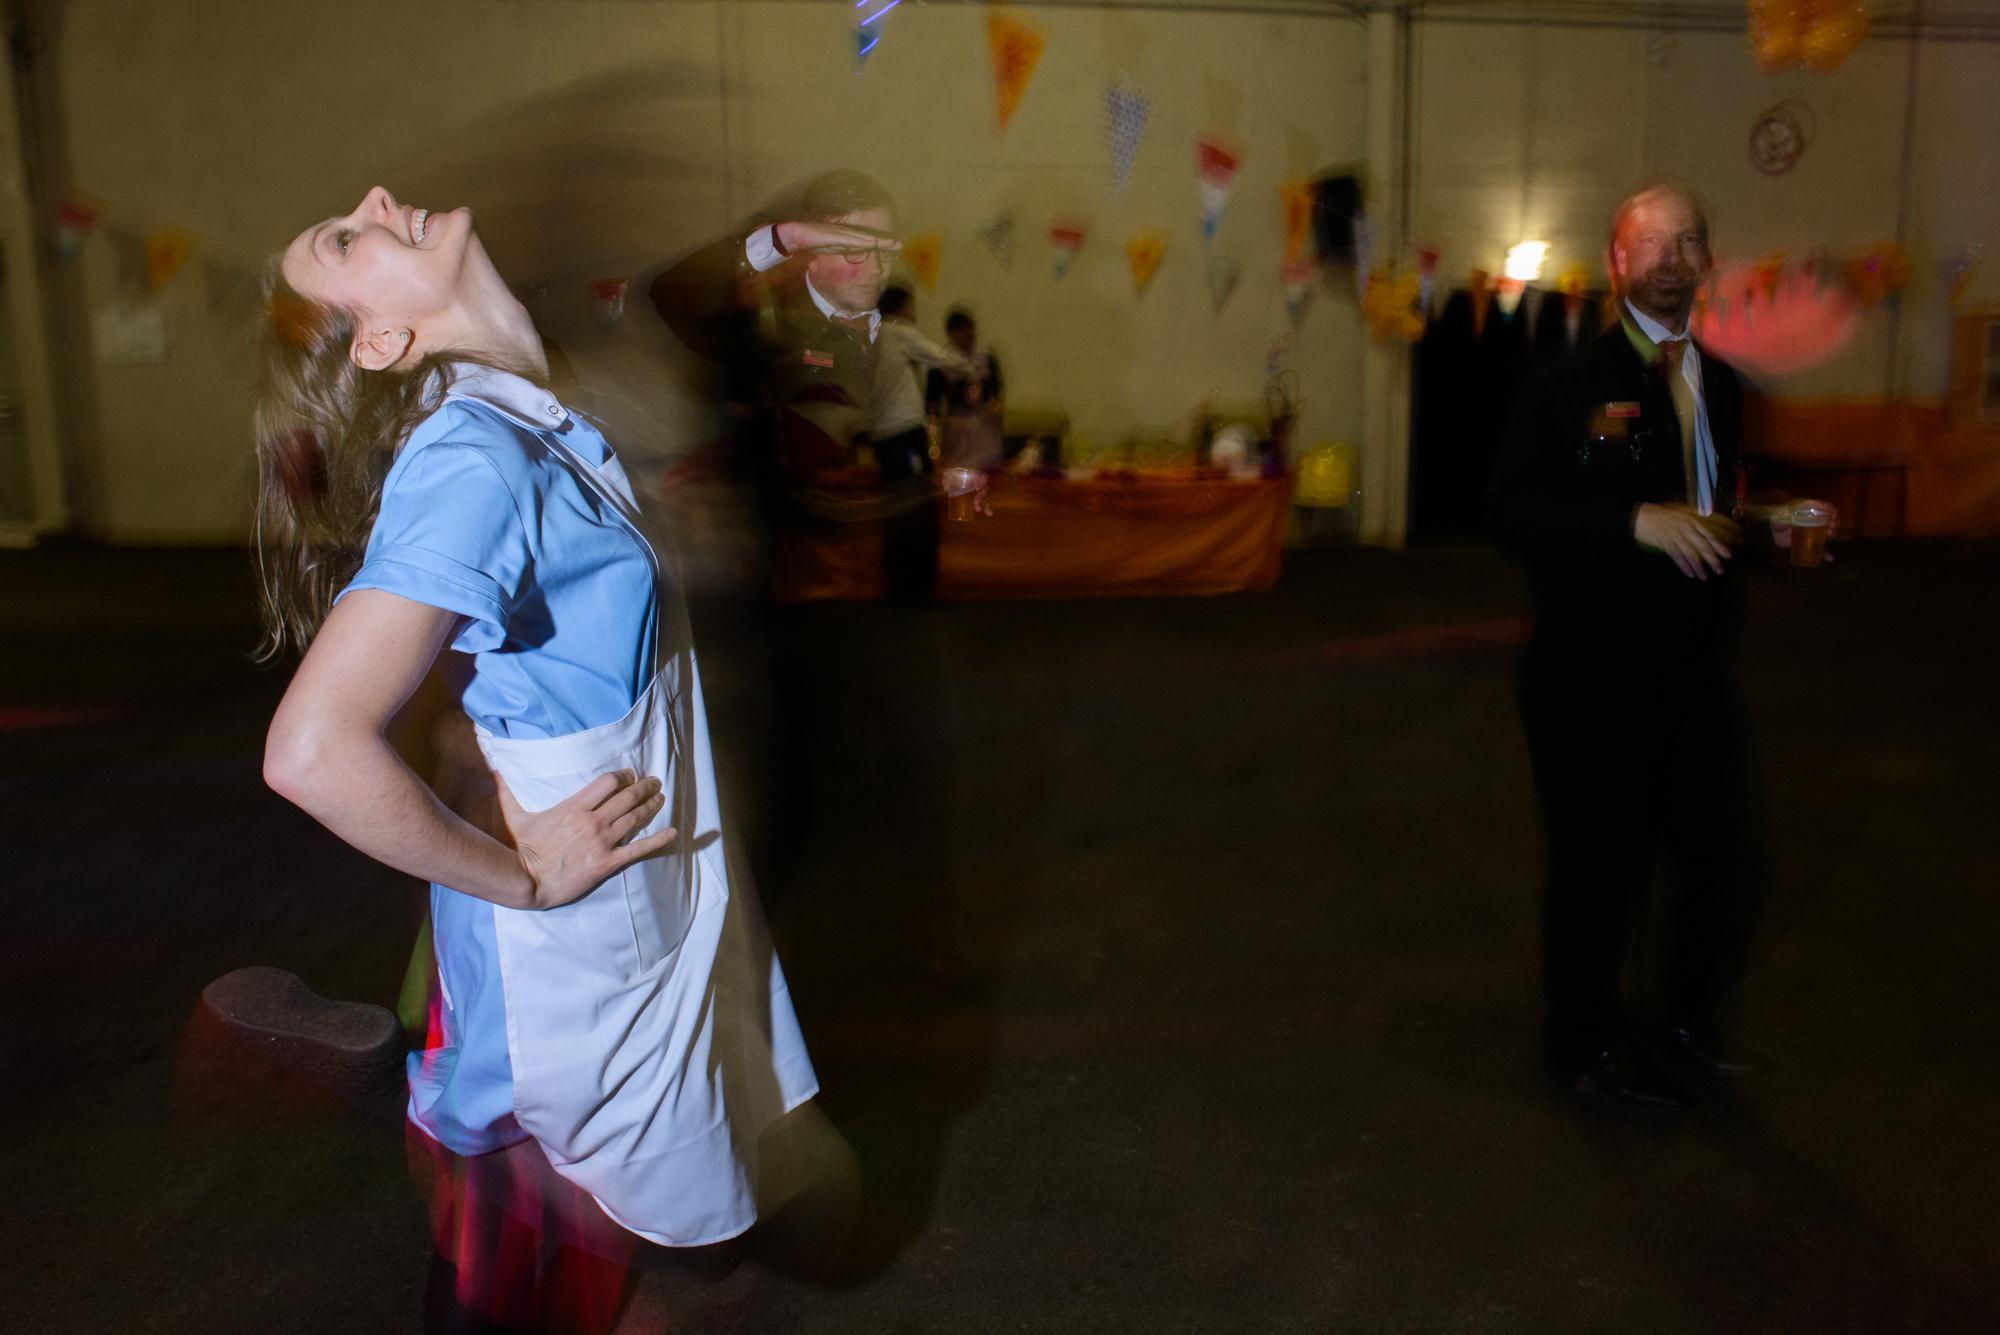 Impreza organizowana przez holenderski związek zakonu (fot. Piotr Idem)